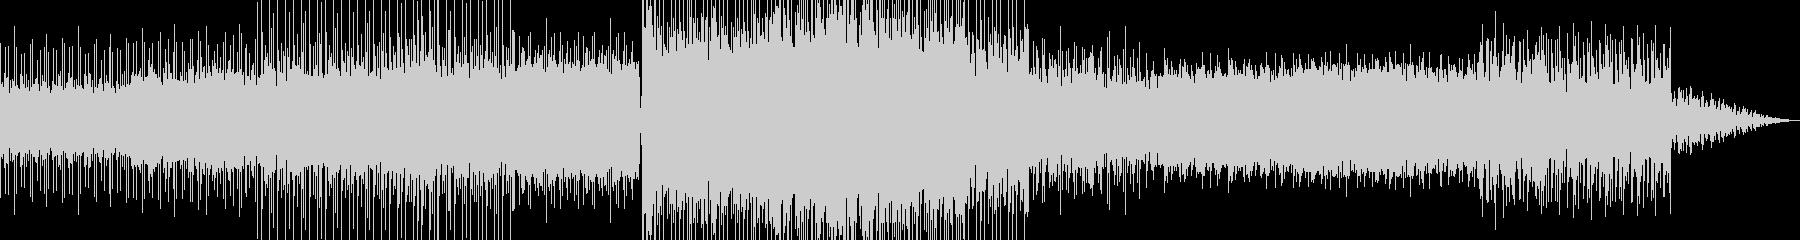 幻想的なチルアウトBGMの未再生の波形